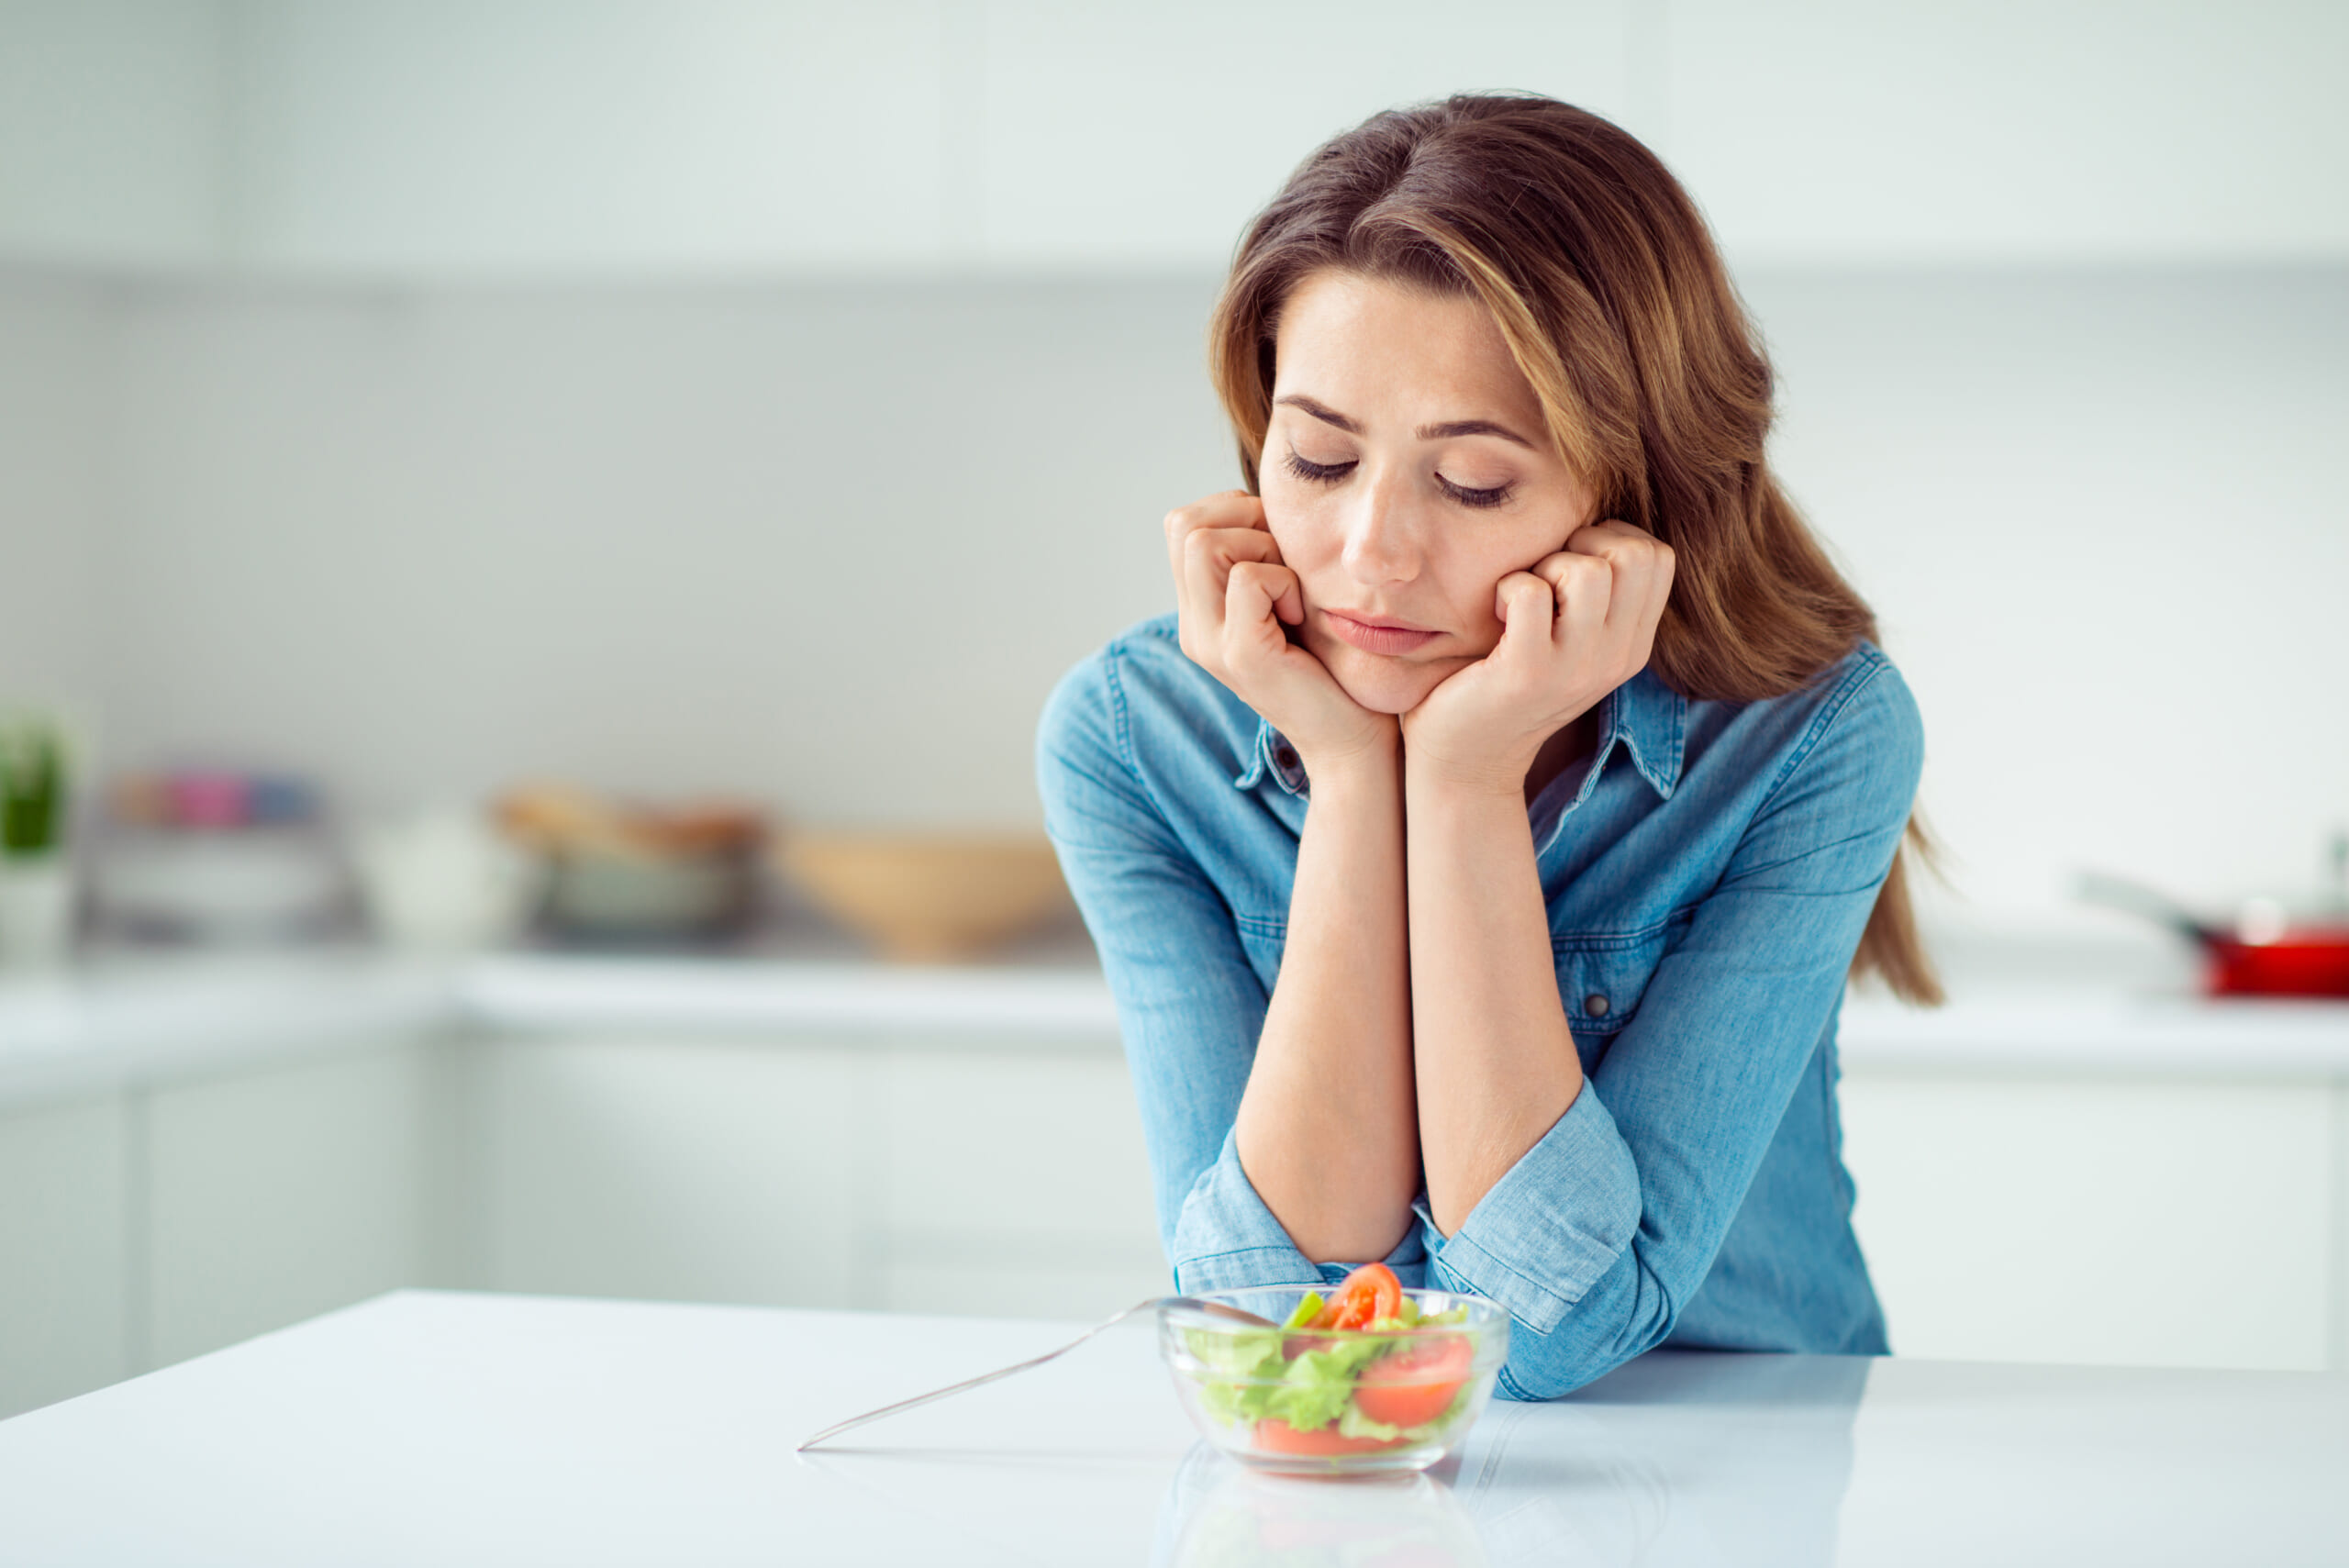 食べてないのに太るのはなぜ? 痩せない人のNG行動3つ